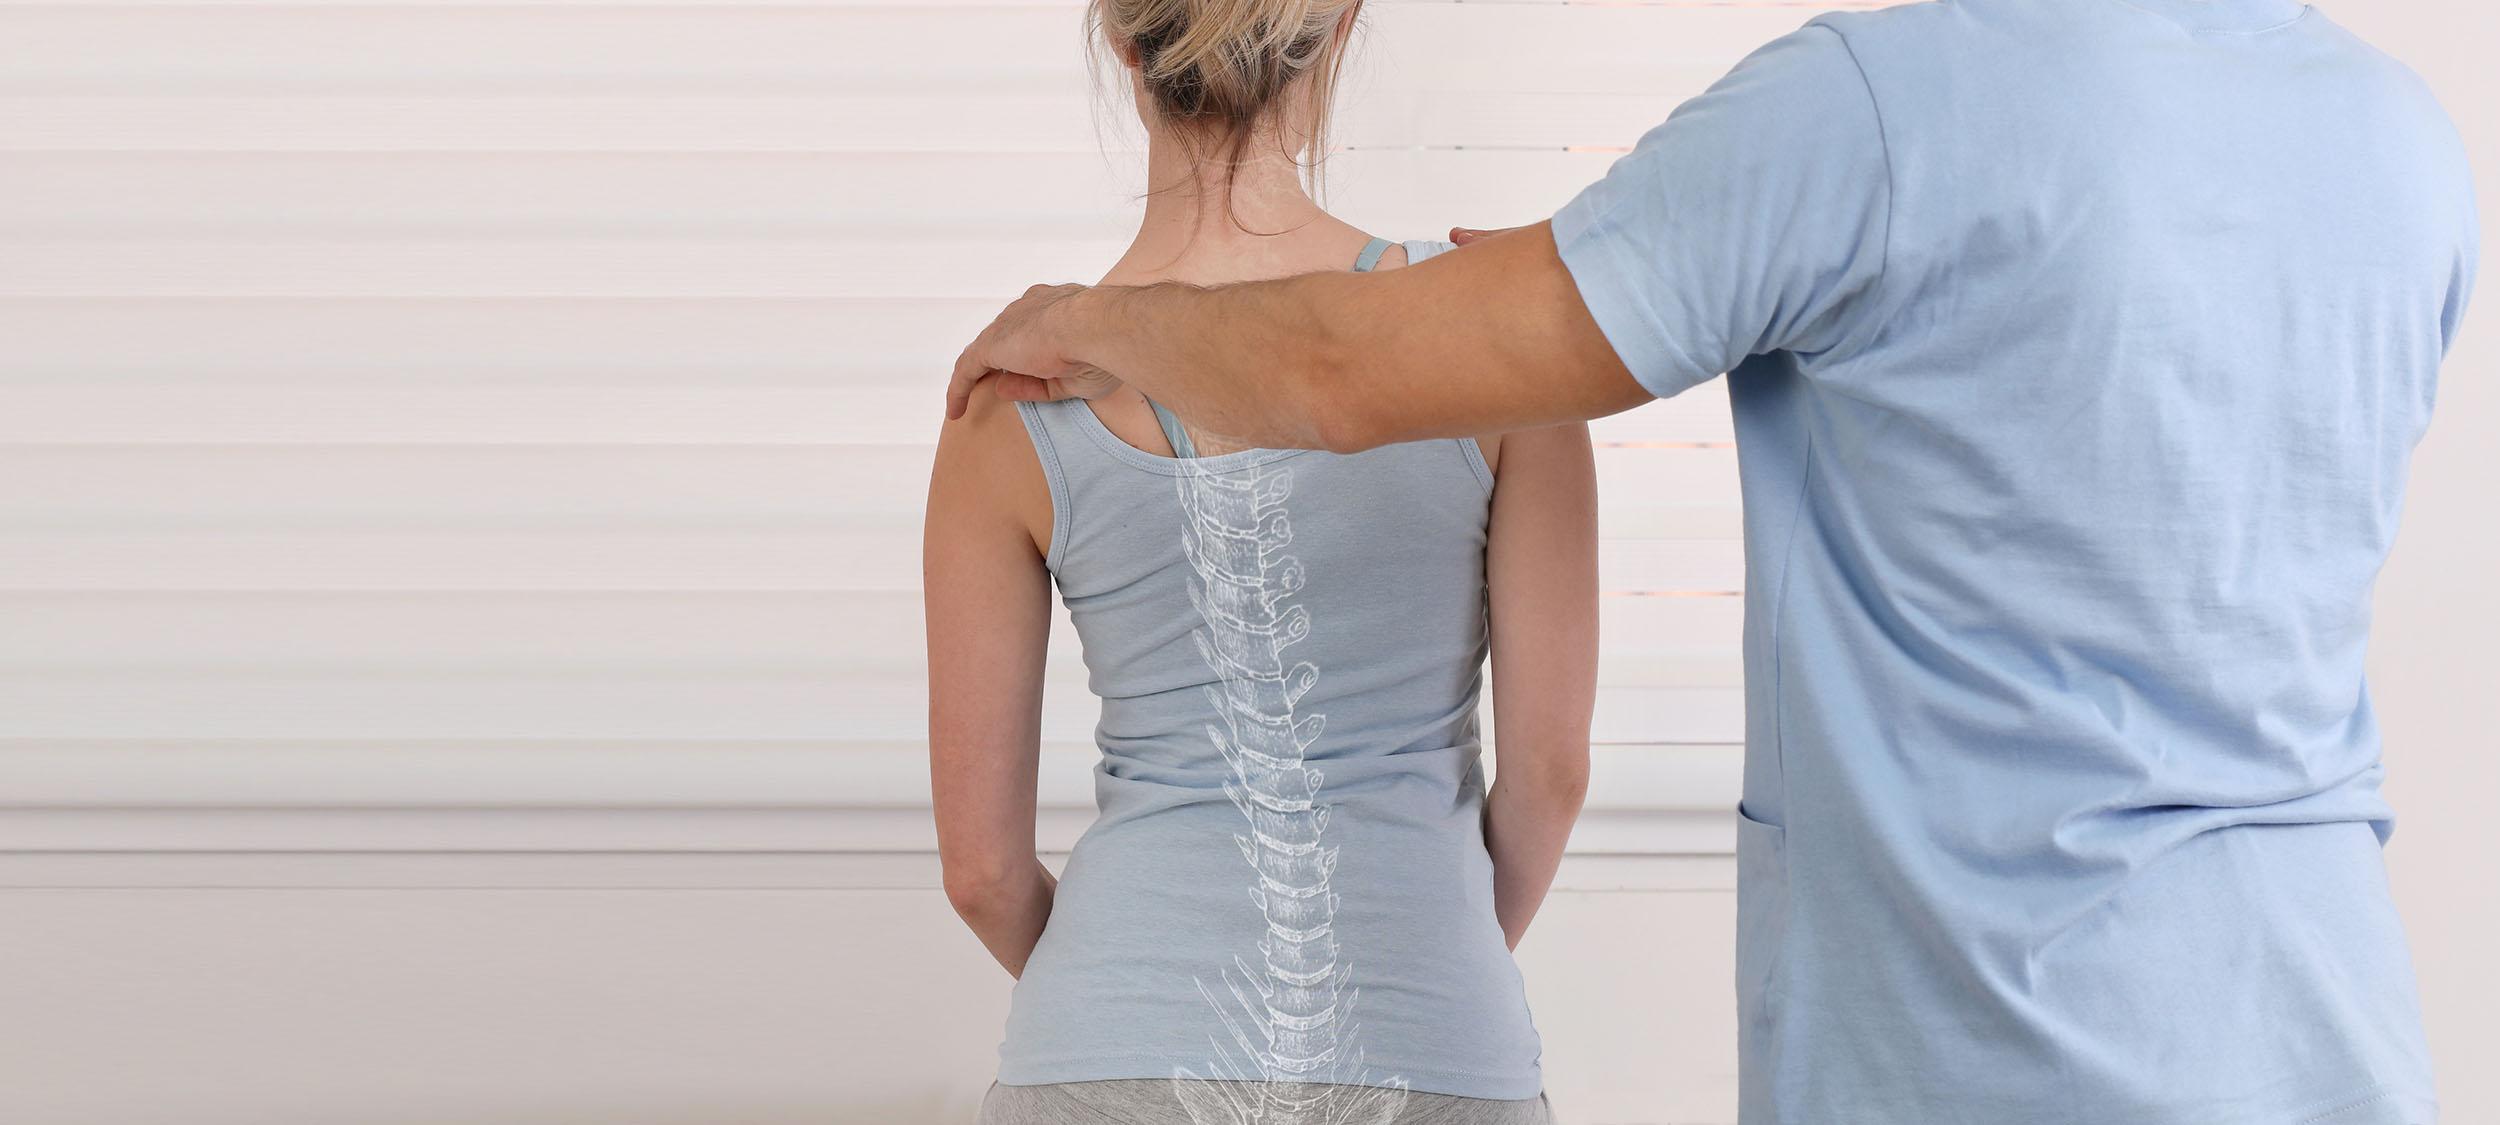 Facharzt für Orthopädie, Chirotherapie & Akupunktur Dr. med. Peter Wagner | Header